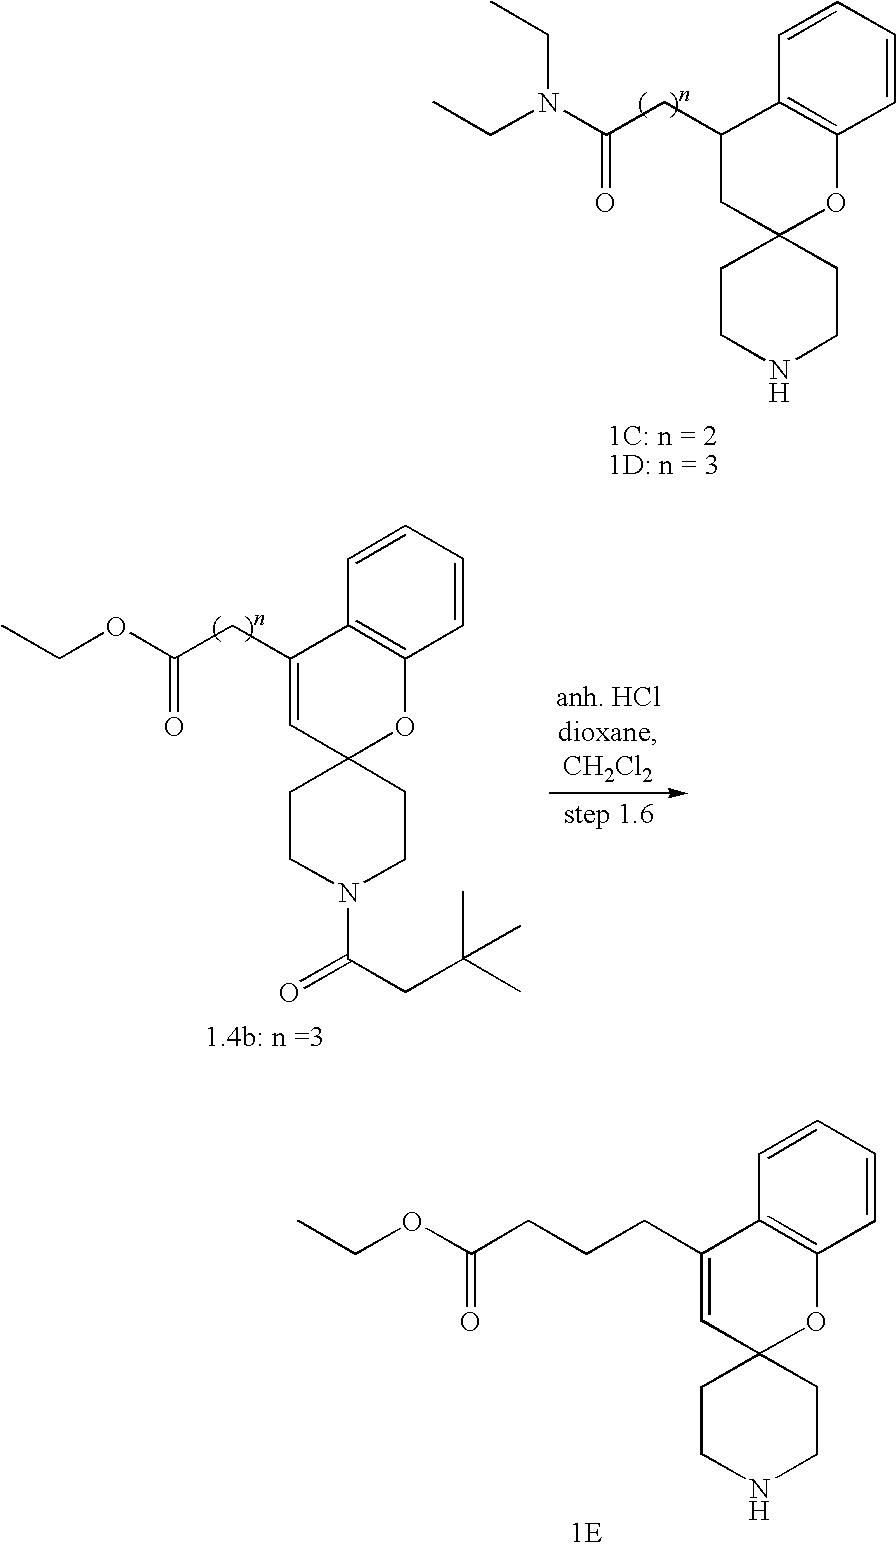 Figure US07576207-20090818-C00008